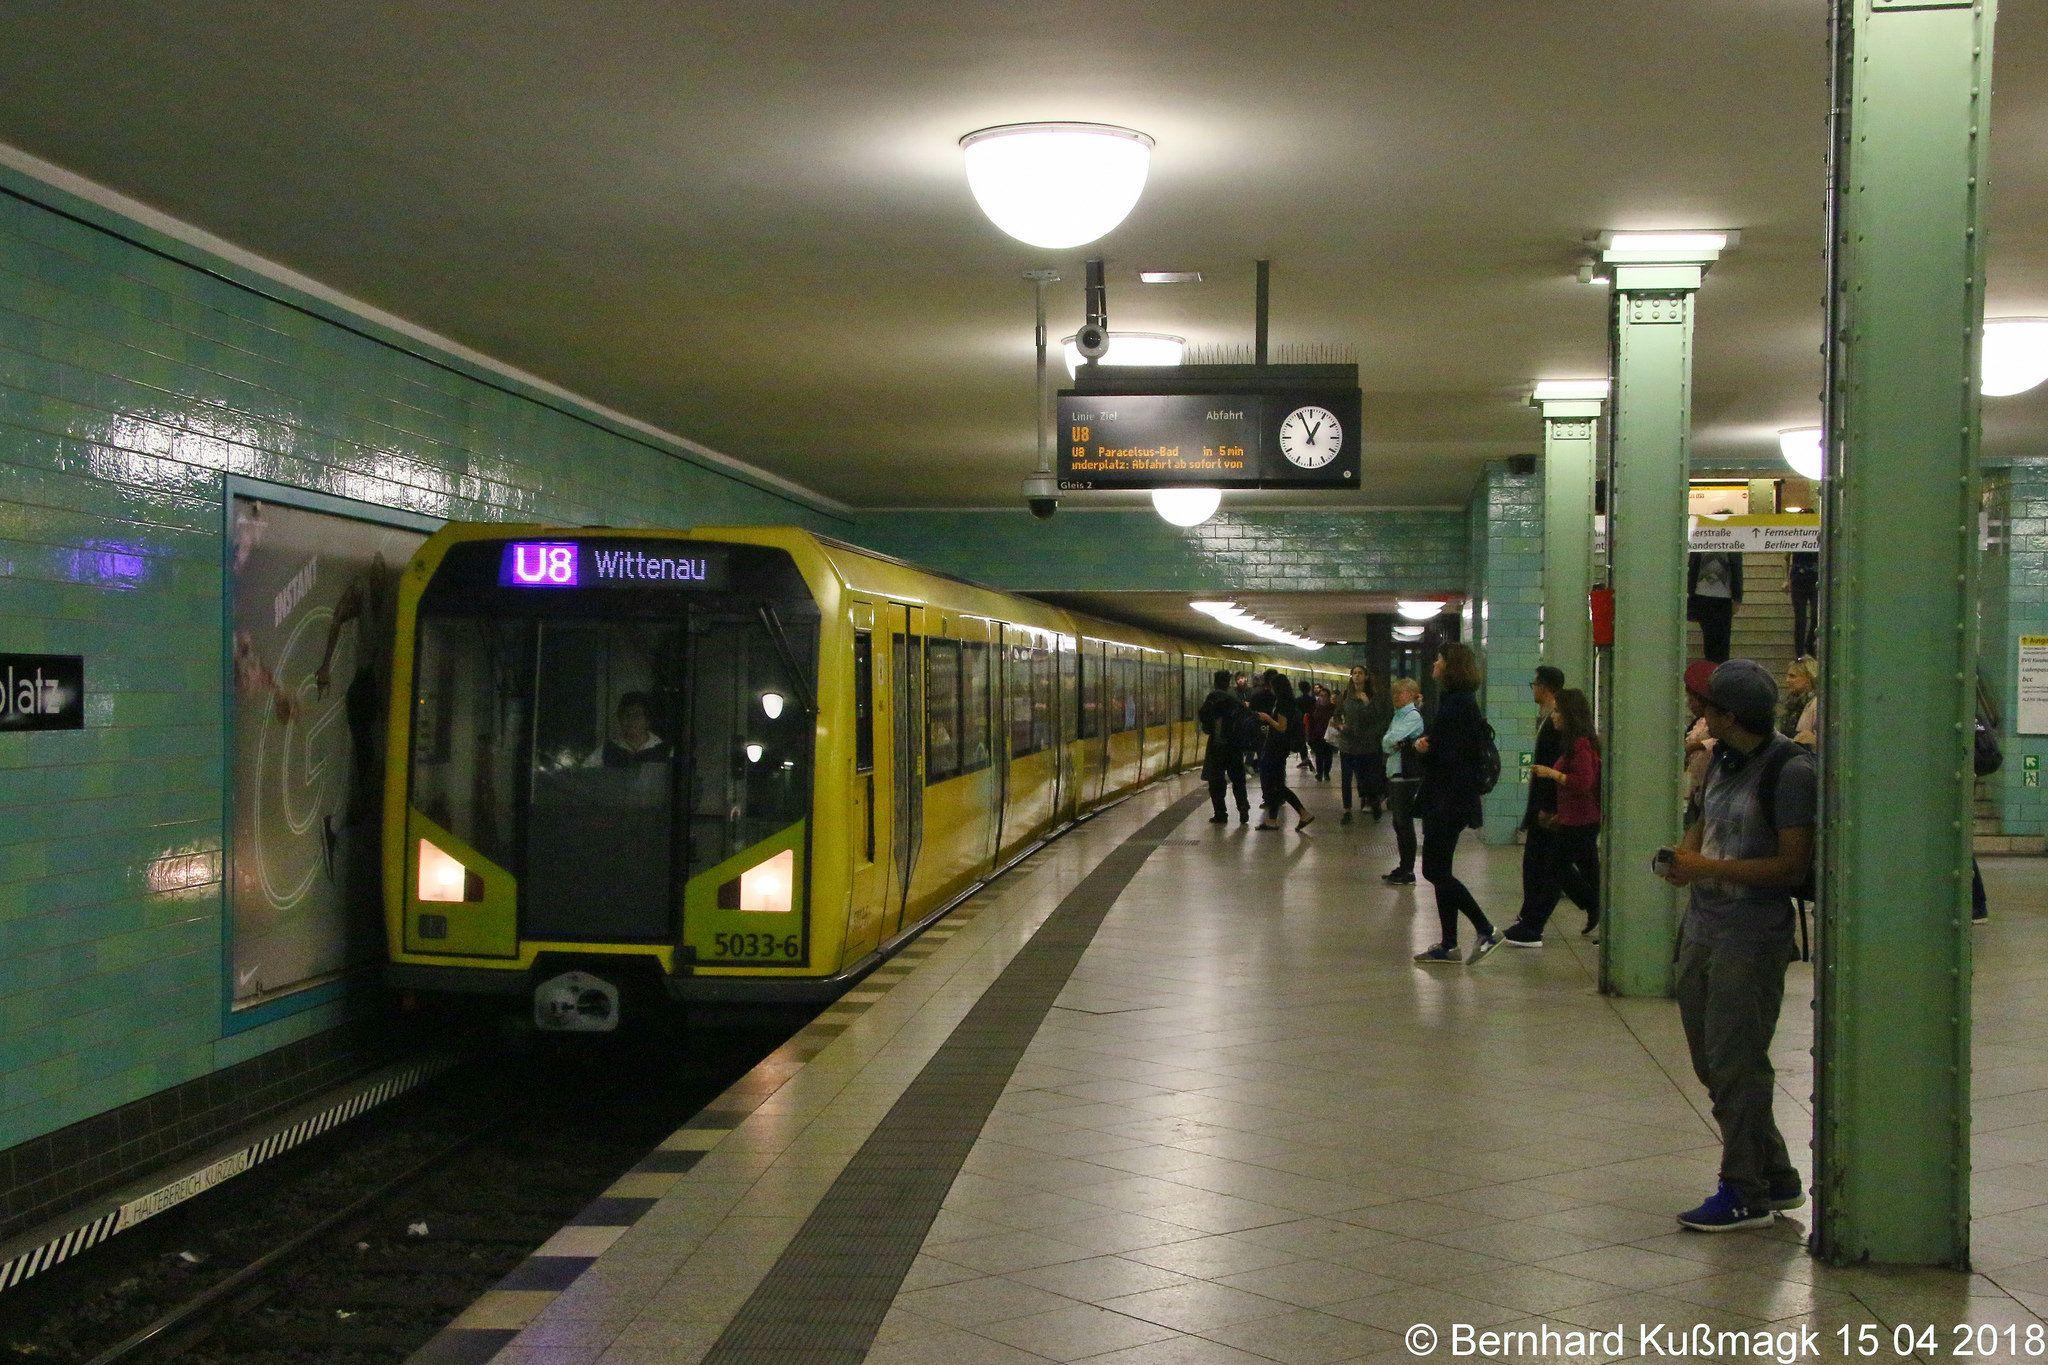 Europa Deutschland Berlin Mitte U Bahnhof Alexanderplatz U Bahn Linie U8 Metro System Underground Berlin